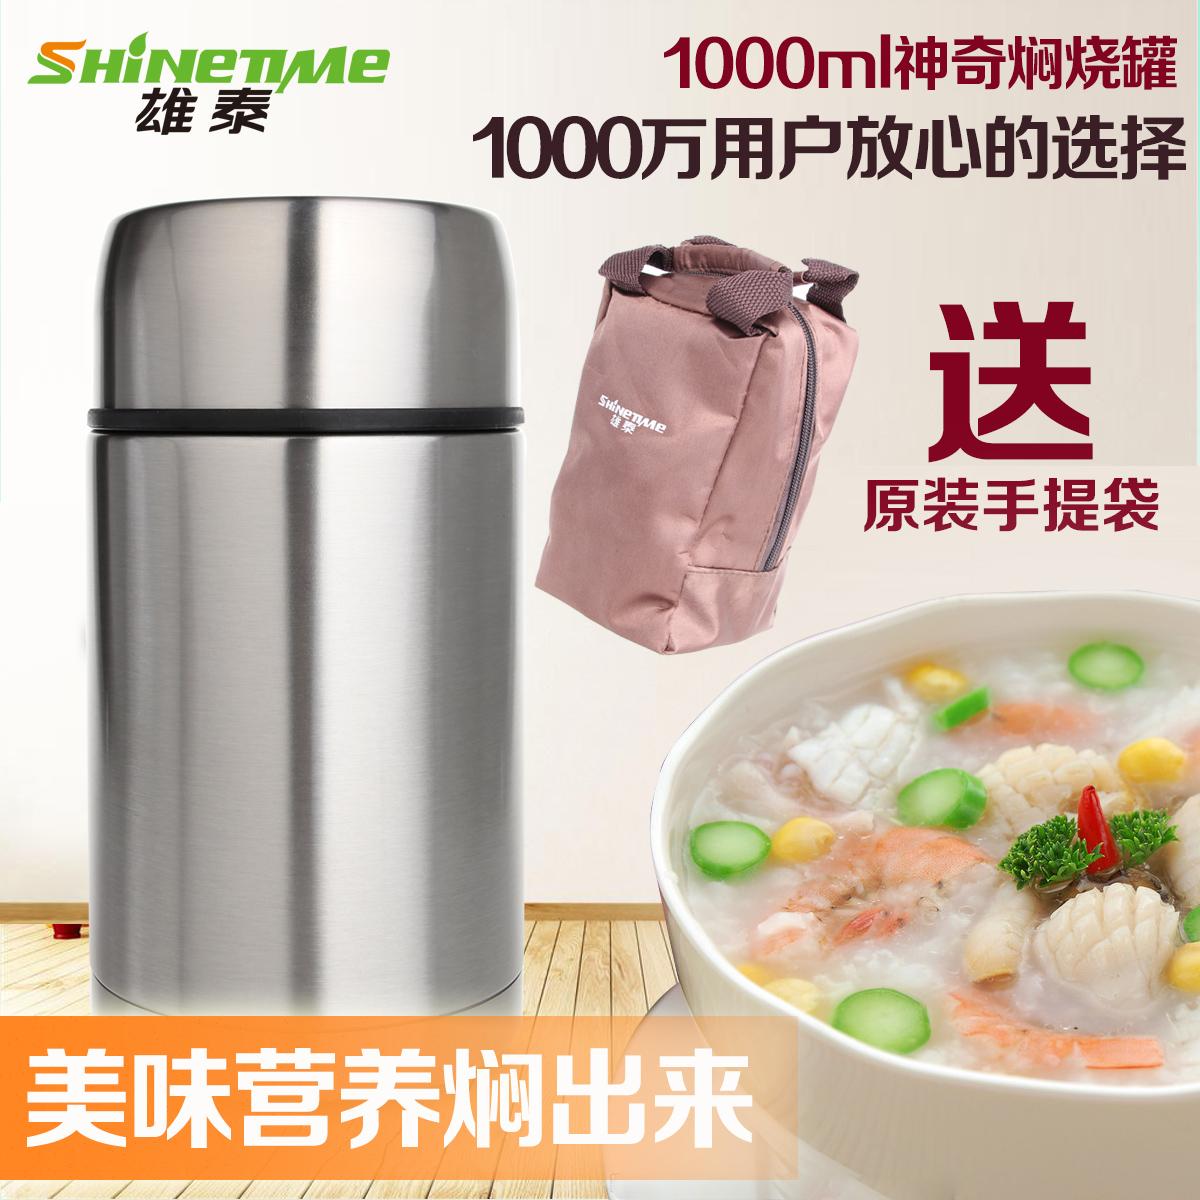 雄泰304不鏽鋼燜燒壺燜燒杯保溫桶悶燒壺杯湯粥桶燜燒罐保溫飯盒